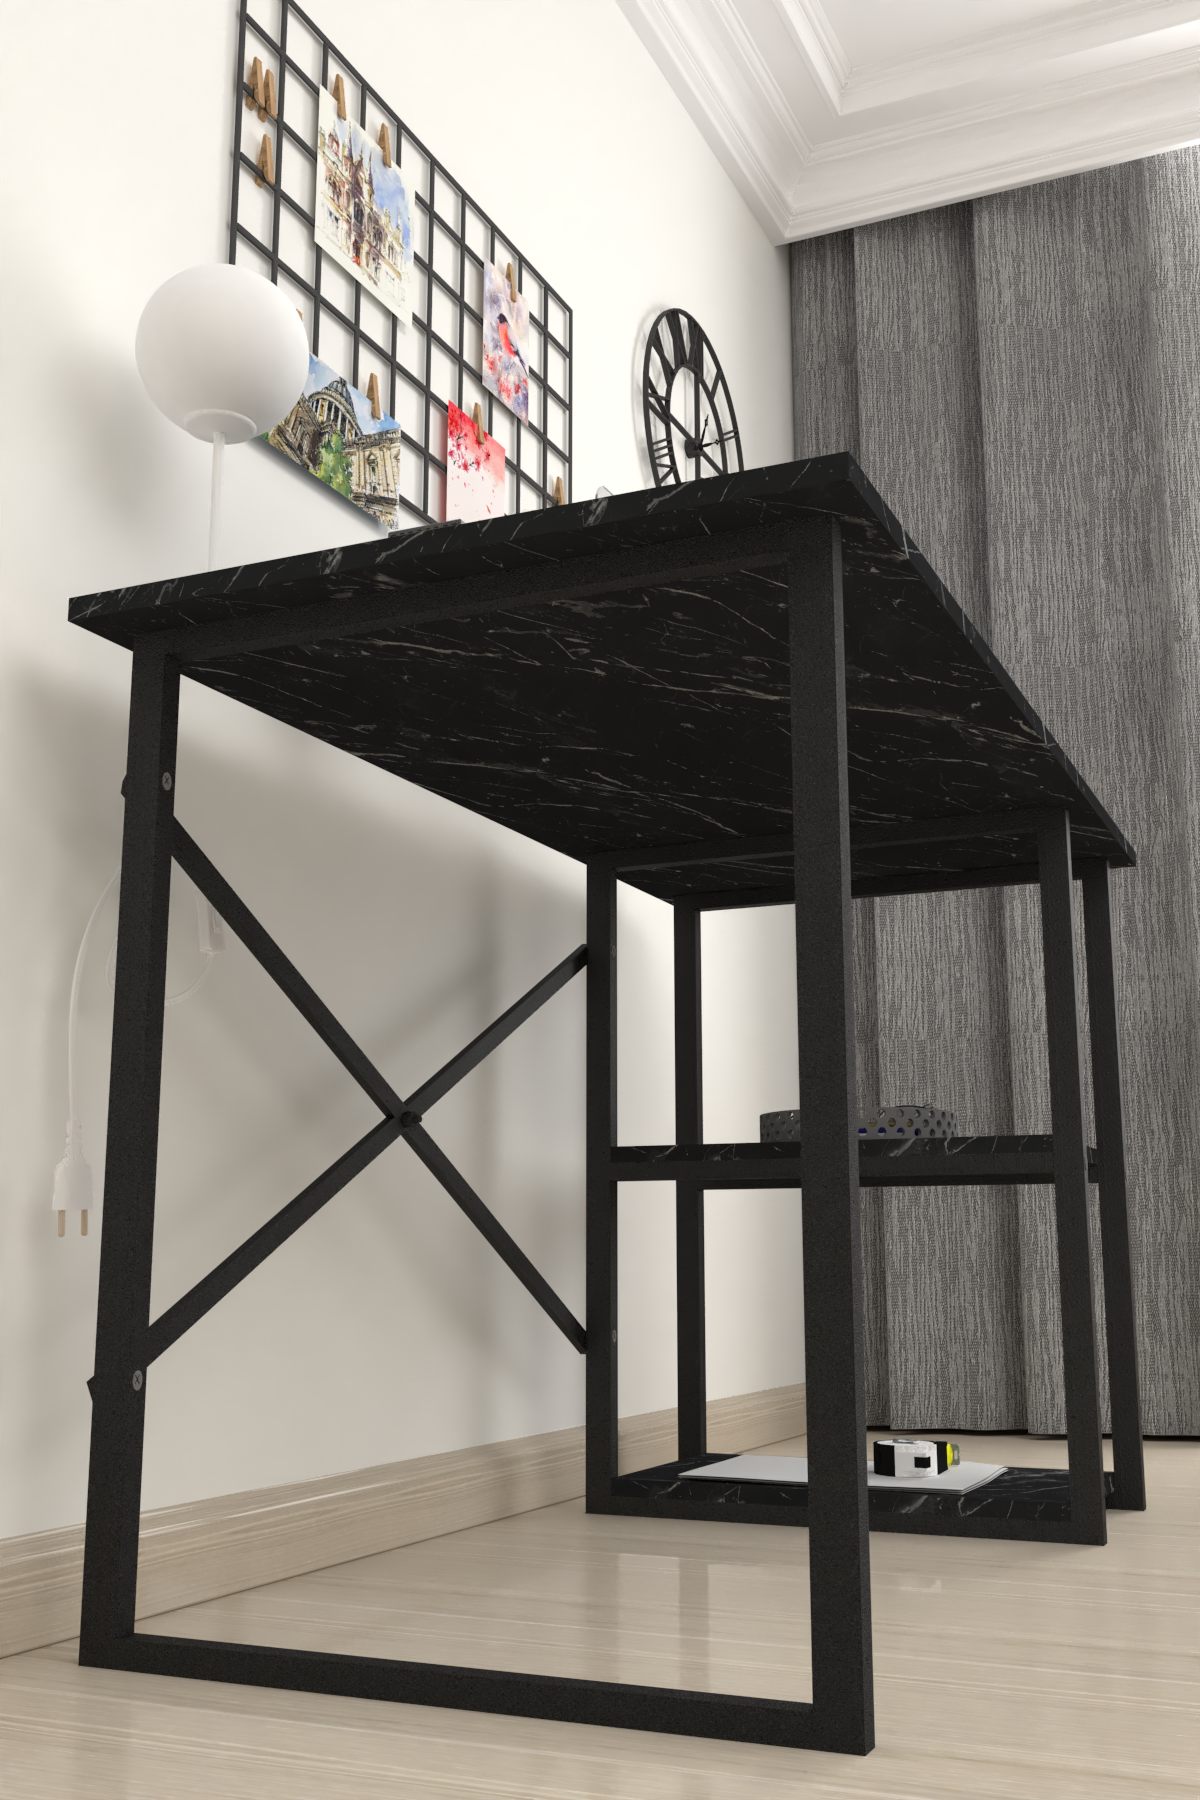 Bofigo 2 Raflı Çalışma Masası 60x120 cm Bendir